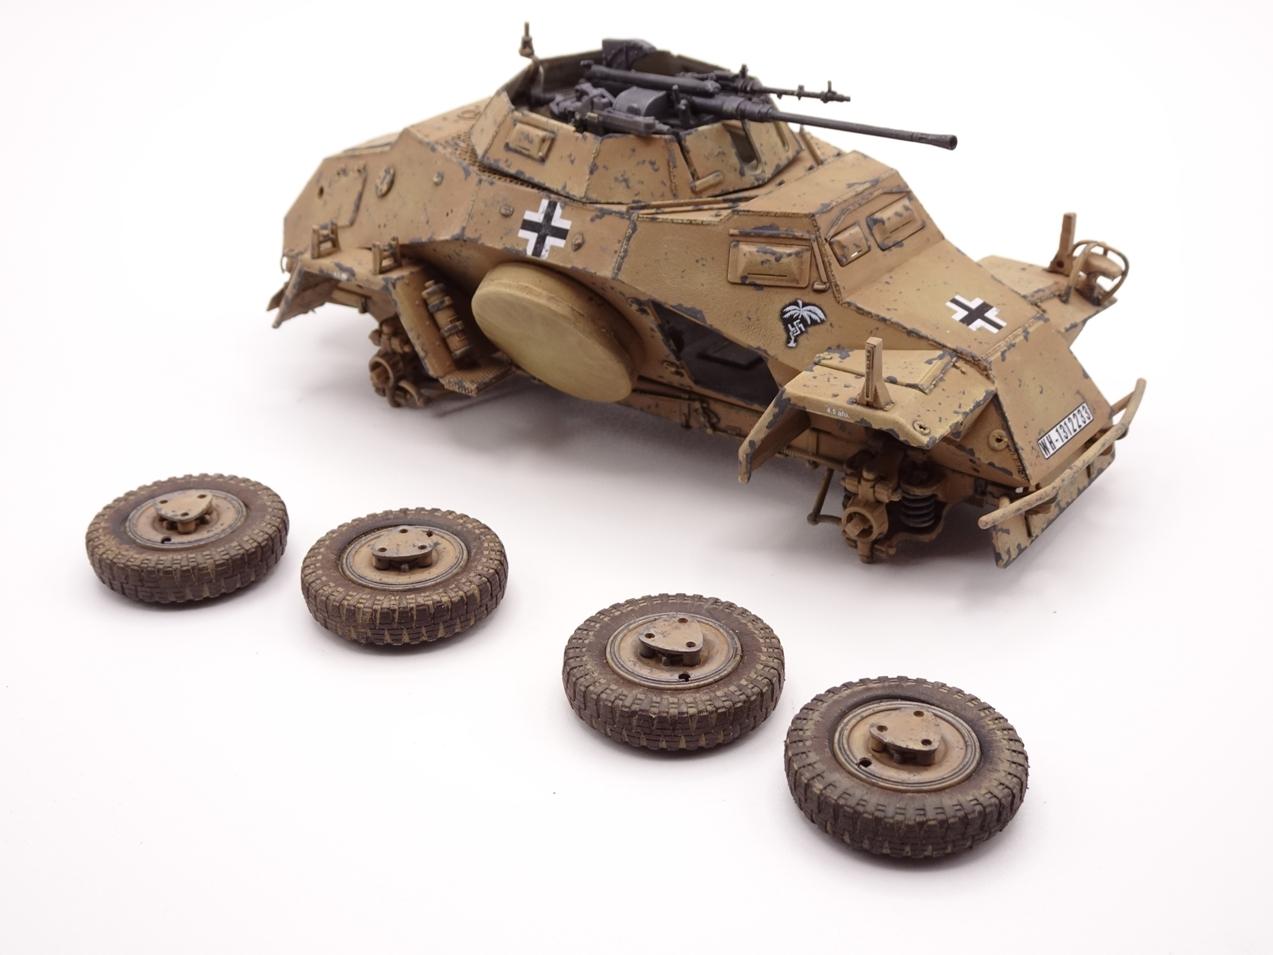 [Hobby Boss 1/35°] Sd.Kfz. 222 Leichter Panzerspähwagen - Page 2 222-3005-8